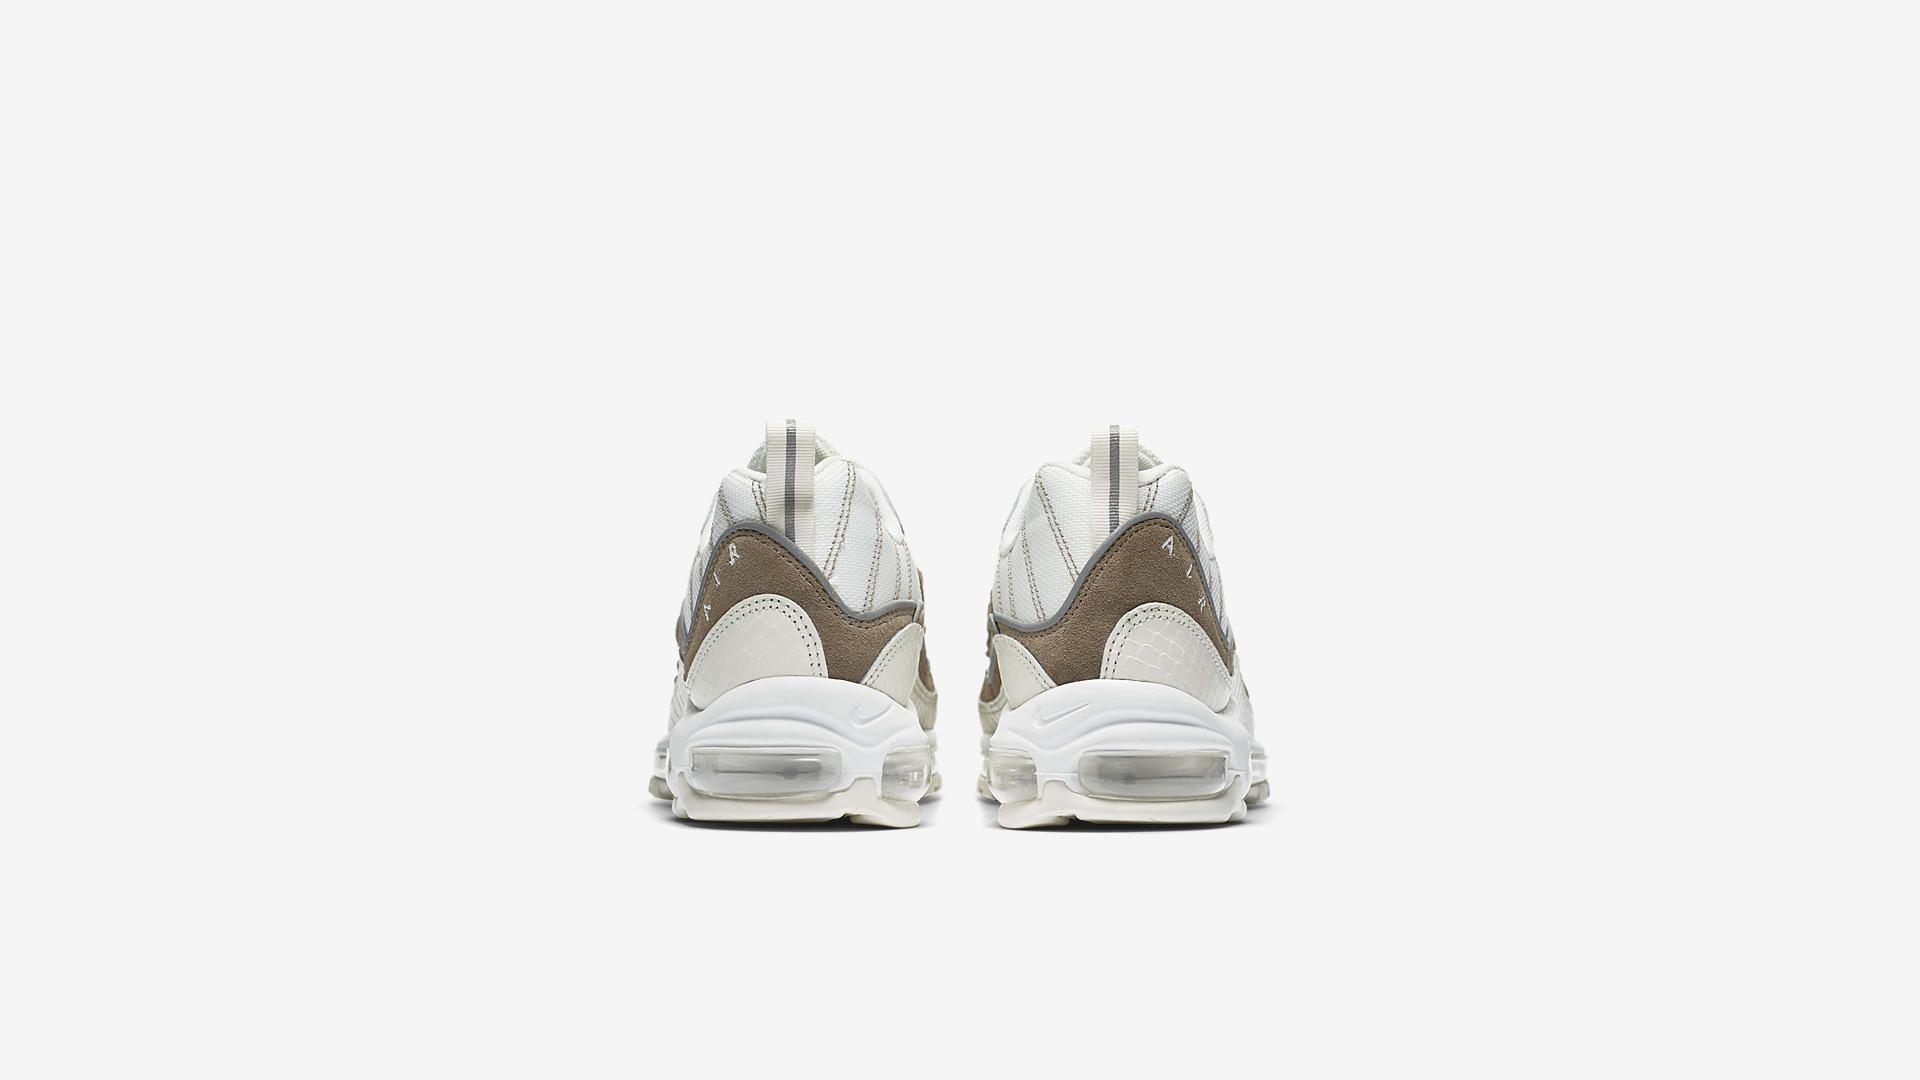 59b36f5b4a0a Nike Air Max 98 – Sail   Cream